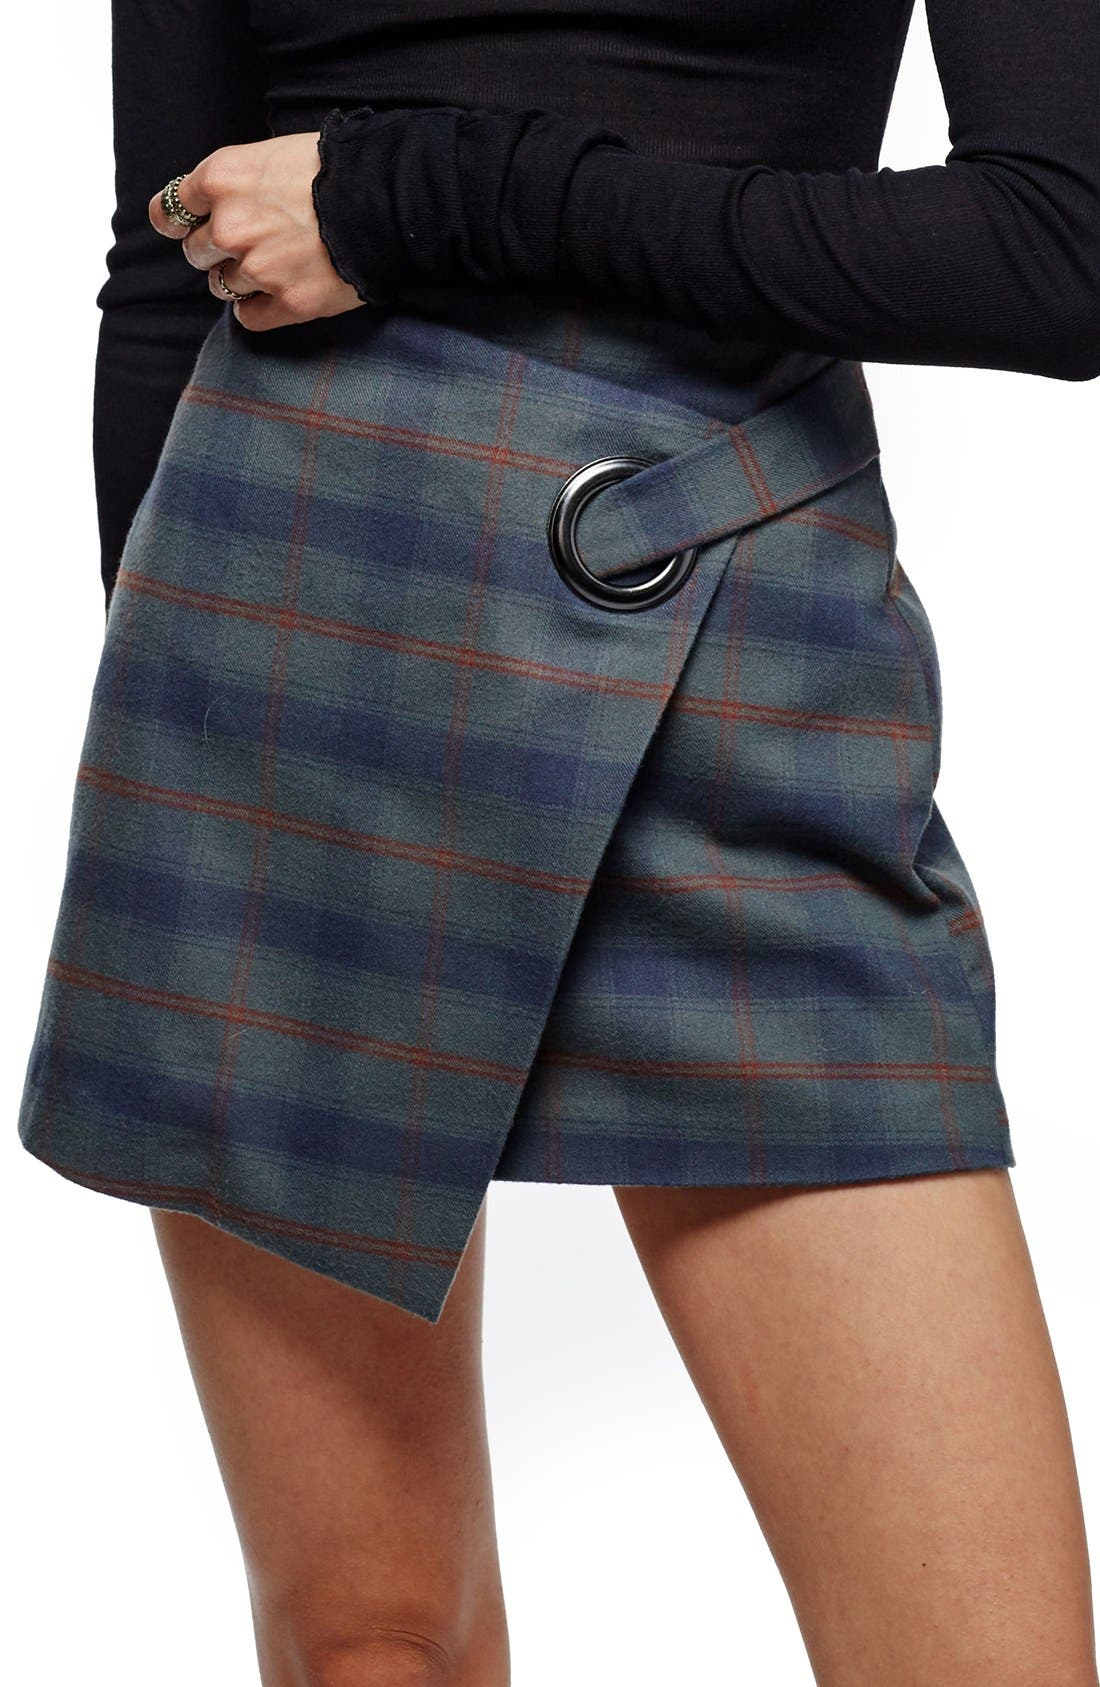 Teenage Crush Plaid Miniskirt,                             Main thumbnail 1, color,                             300